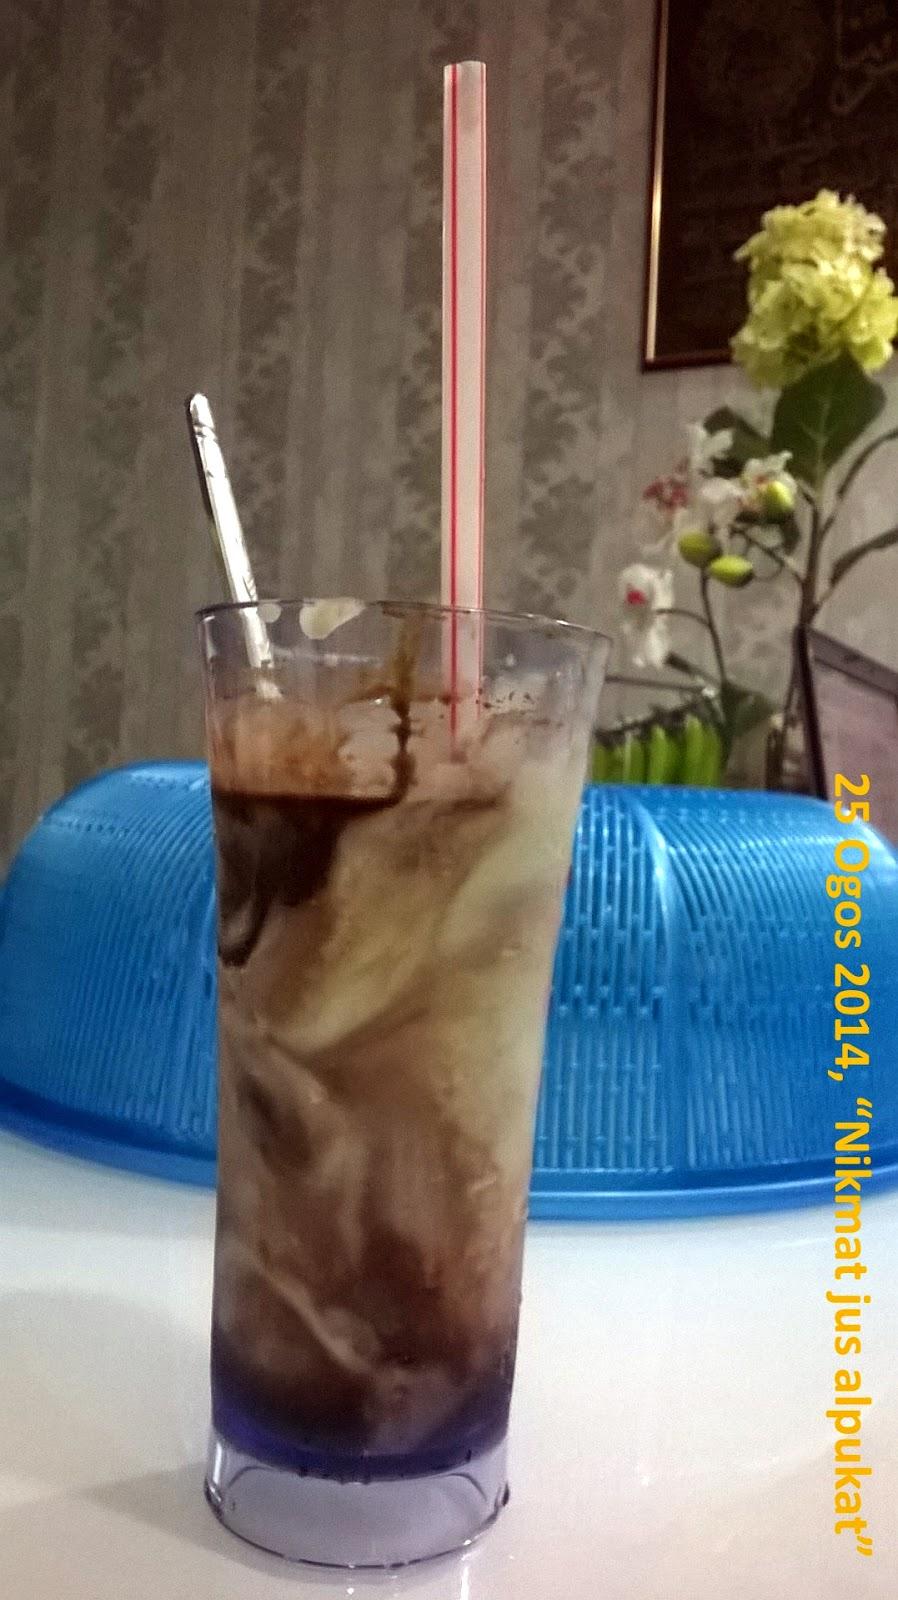 gambar jus alpukat atau avocado dalam gelas plastik lutsinar panjang Malaysia